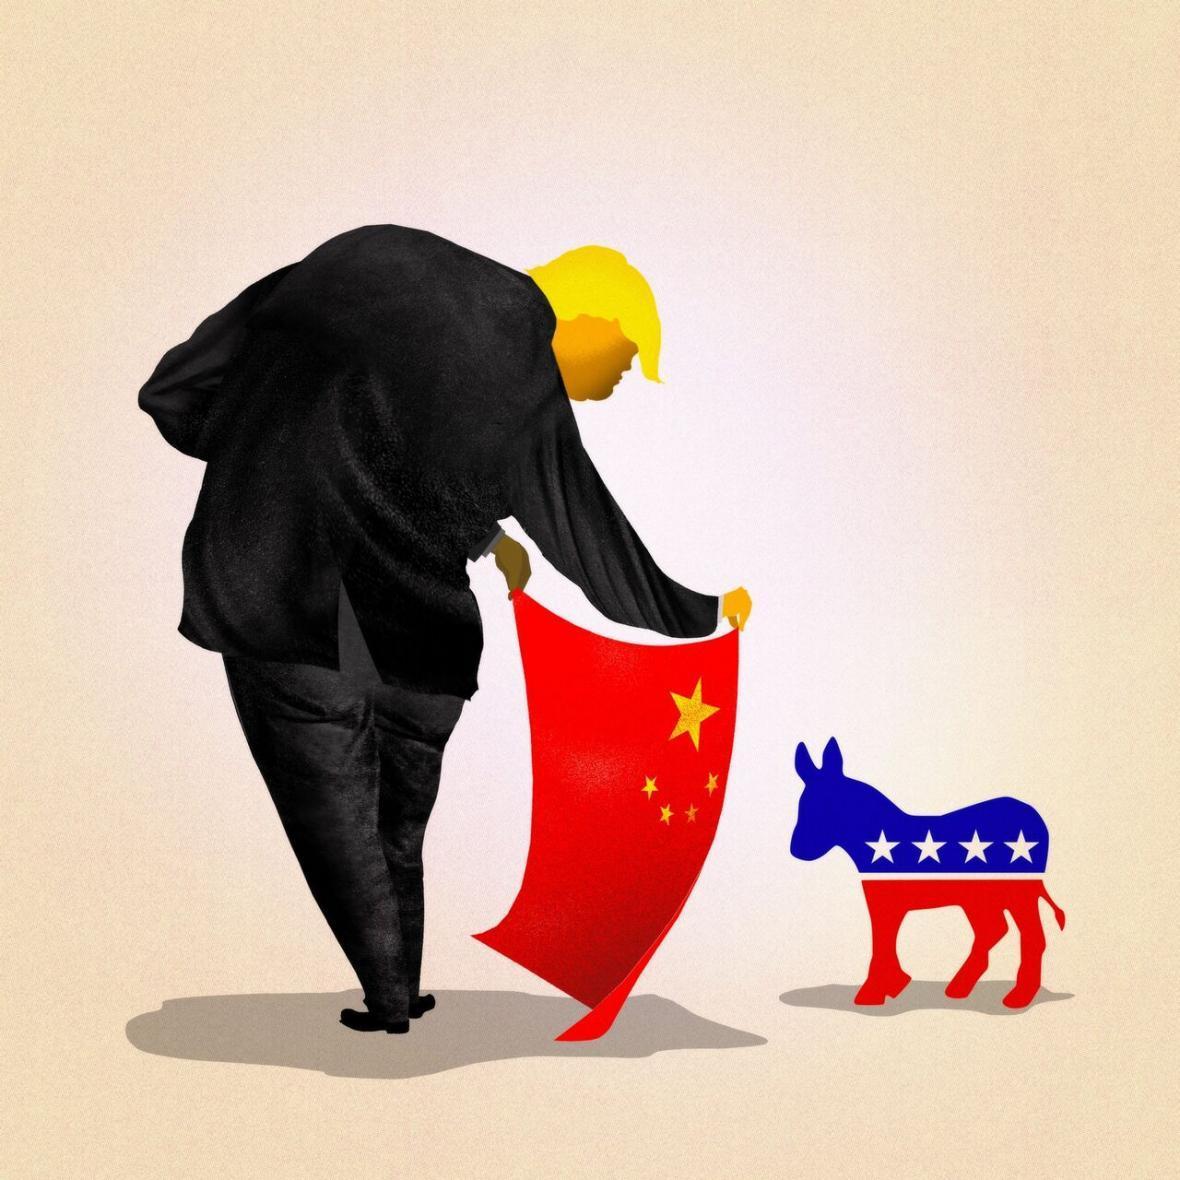 خبرنگاران نیویورک تایمز: آیا دموکرات ها از تله چینی ترامپ می گریزند؟